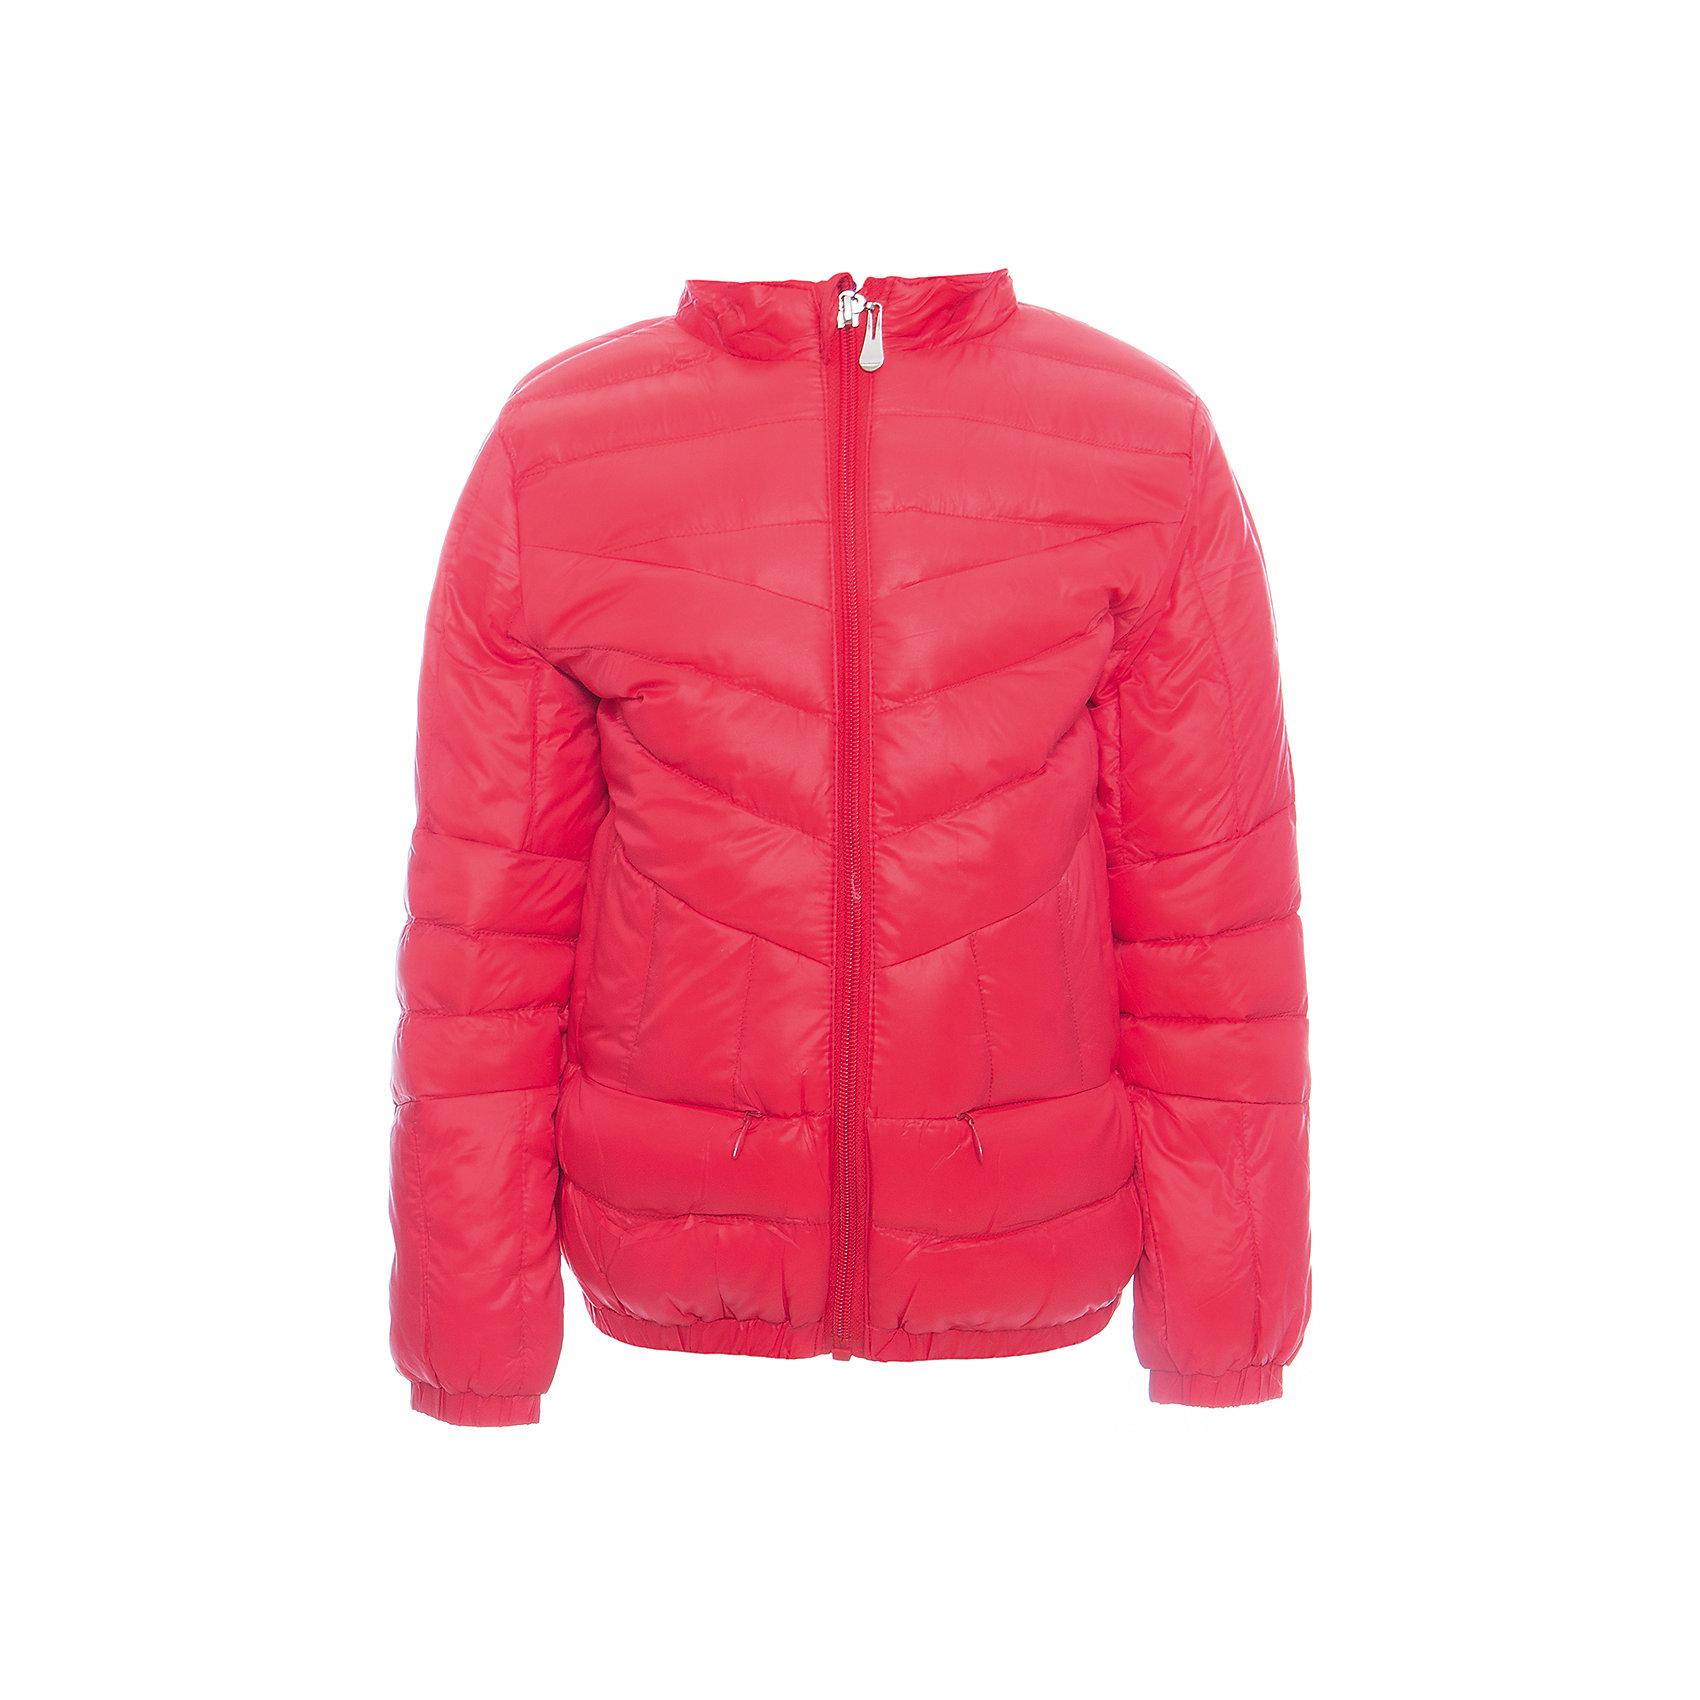 Куртка для девочки Sweet BerryВерхняя одежда<br>Легкая и удобная стеганая куртка с воротничком-стойкой для девочки. Два прорезных карманы на молнии.<br>Состав:<br>Верх: 100%нейлон.  Подкладка: 100%полиэстер. Наполнитель: 100%полиэстер<br><br>Ширина мм: 356<br>Глубина мм: 10<br>Высота мм: 245<br>Вес г: 519<br>Цвет: красный<br>Возраст от месяцев: 36<br>Возраст до месяцев: 48<br>Пол: Женский<br>Возраст: Детский<br>Размер: 104,98,110,116,122,128<br>SKU: 5412065